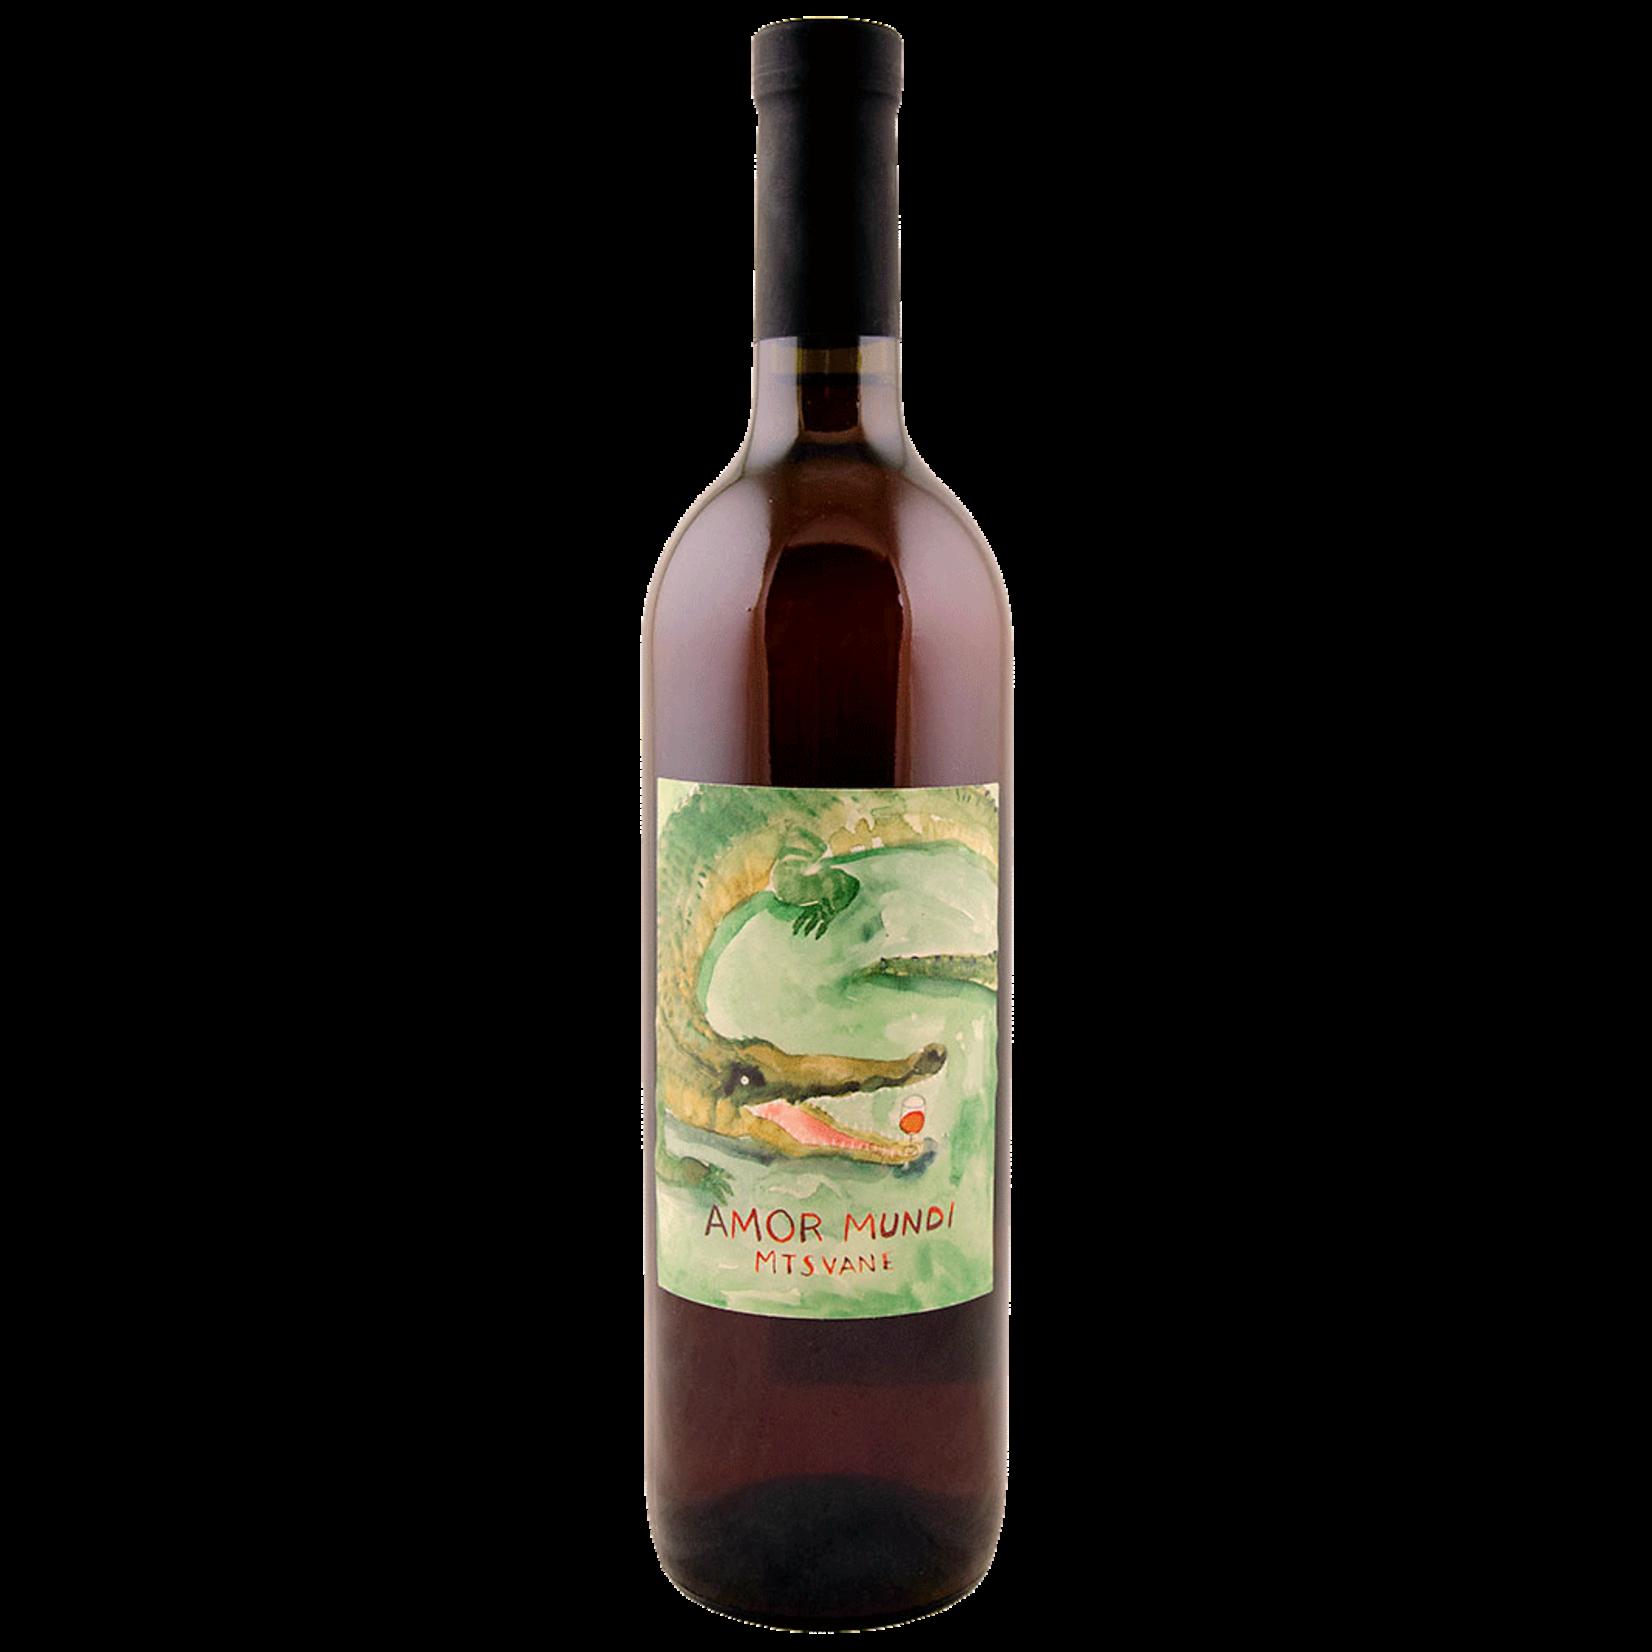 Wine Amor Mundi Mtsvane Georgian 2019